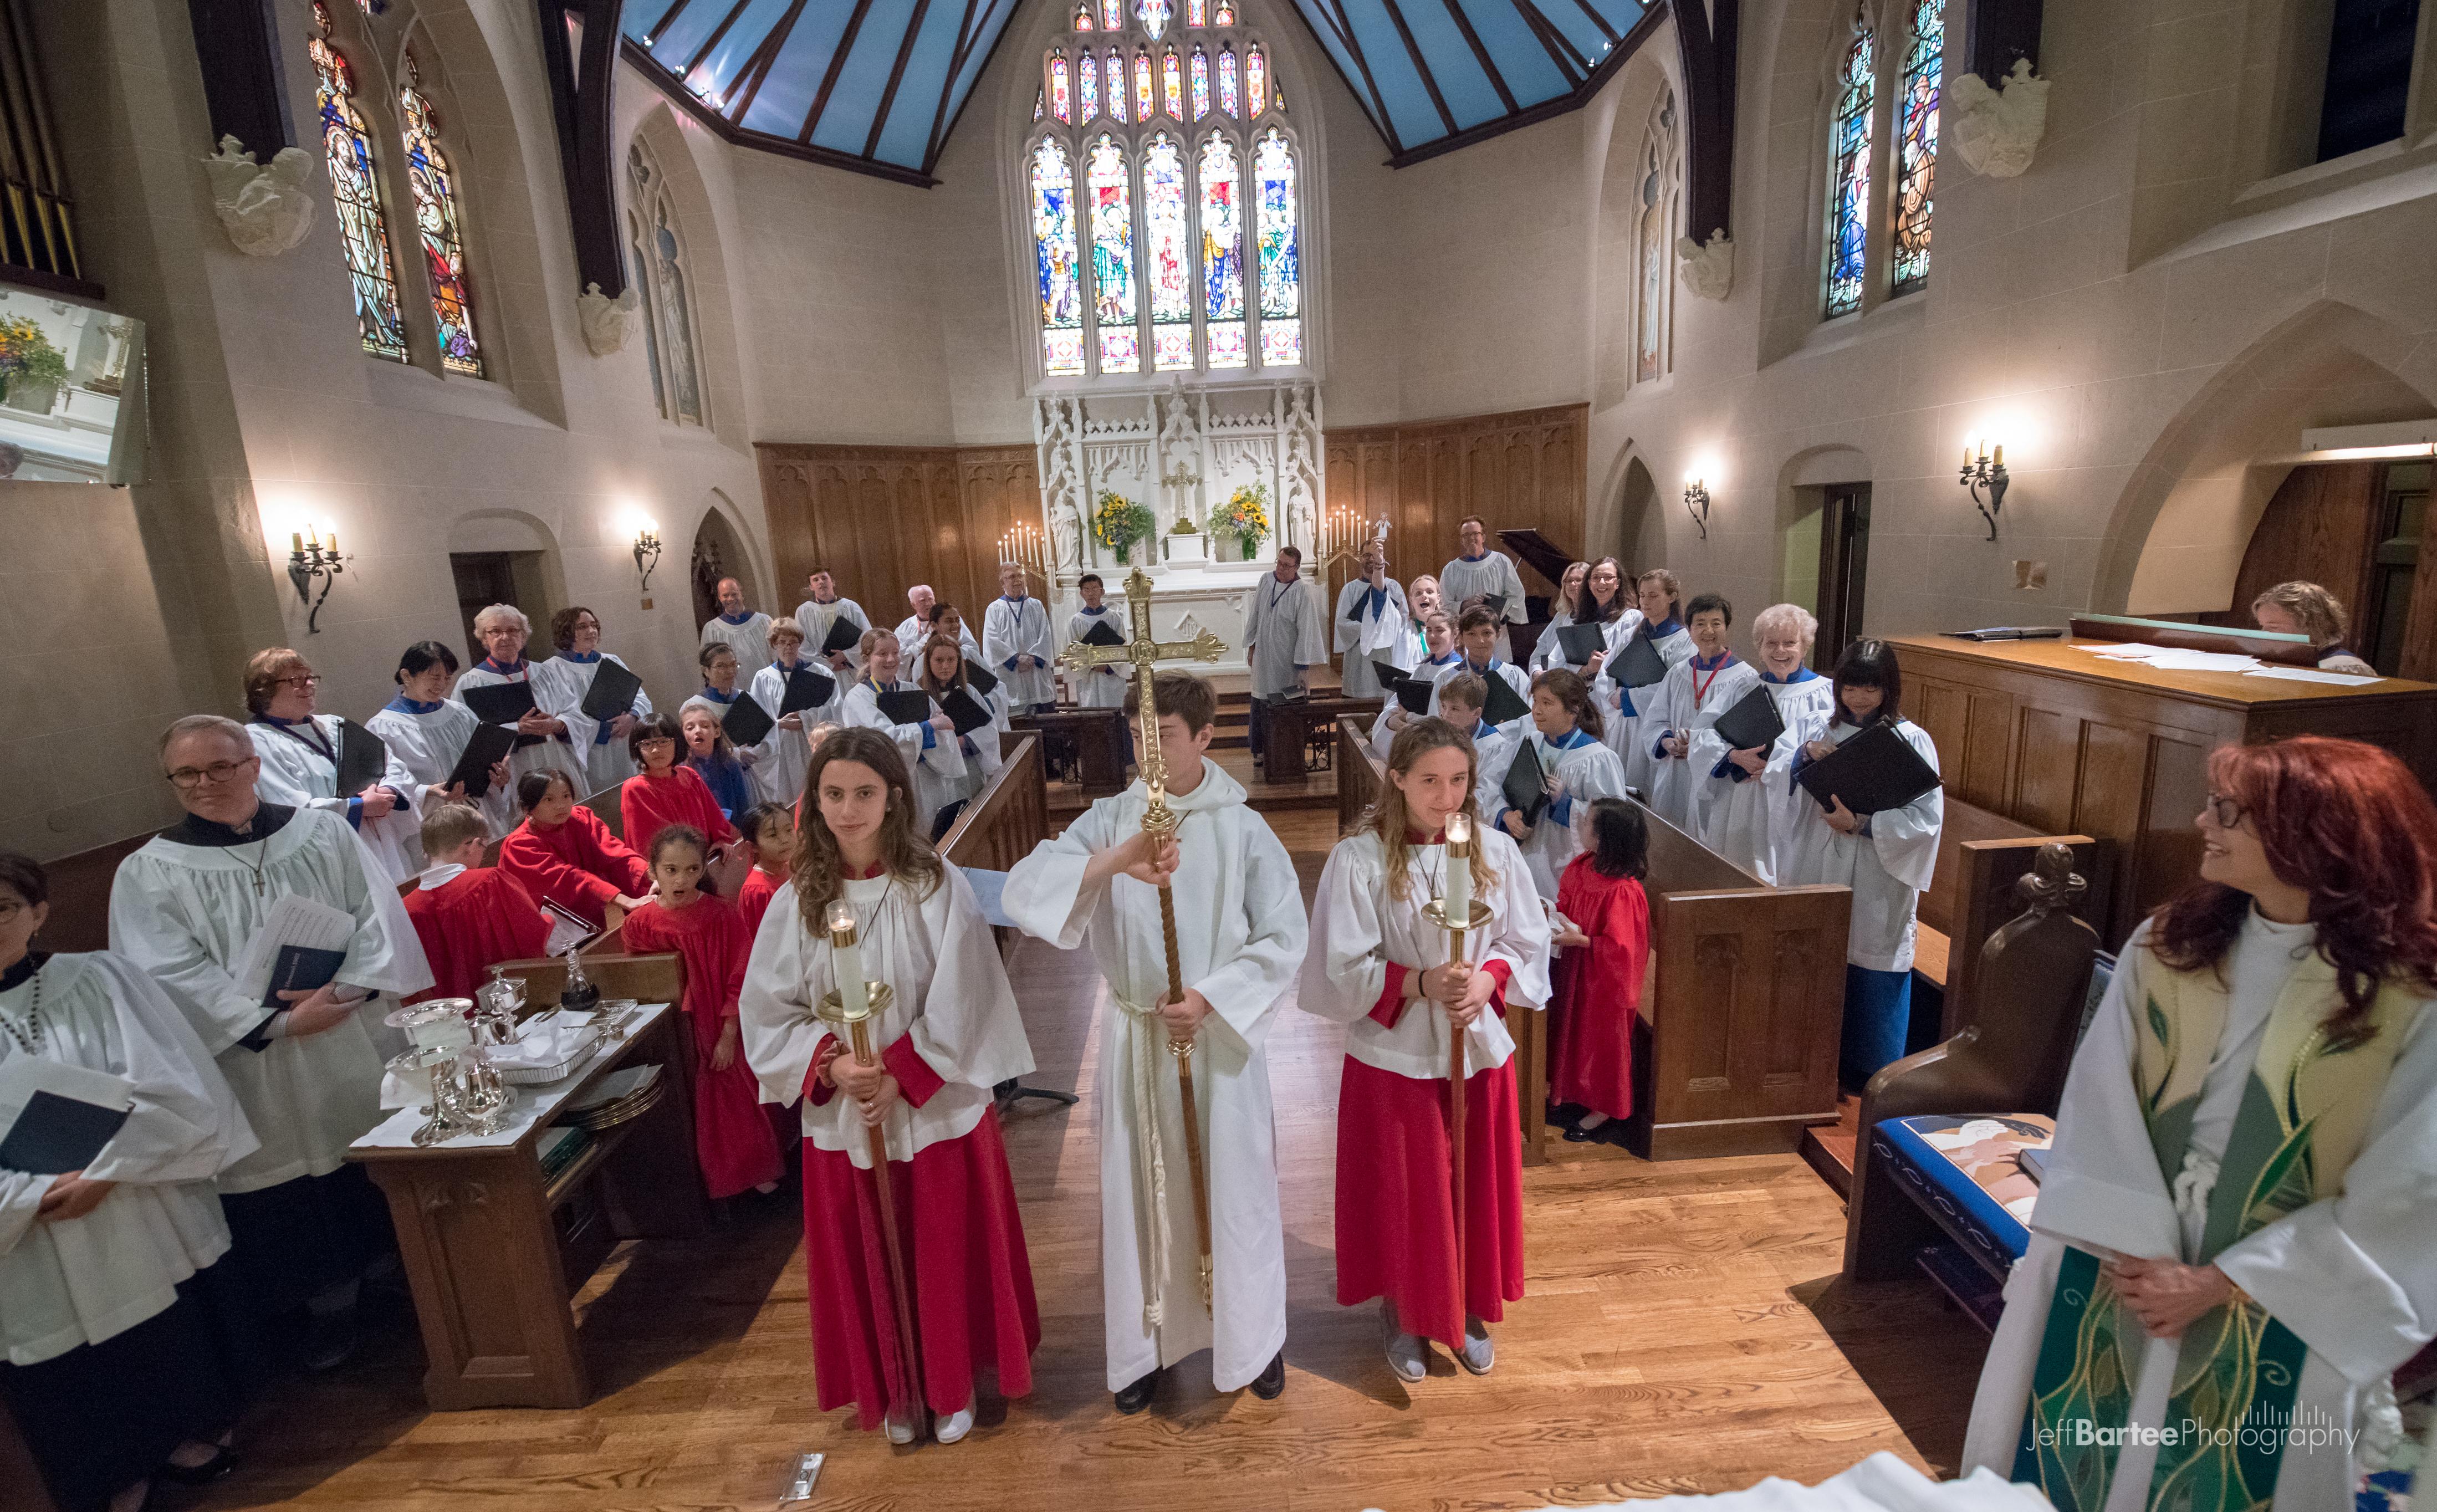 St Paul's Episcopal 4927